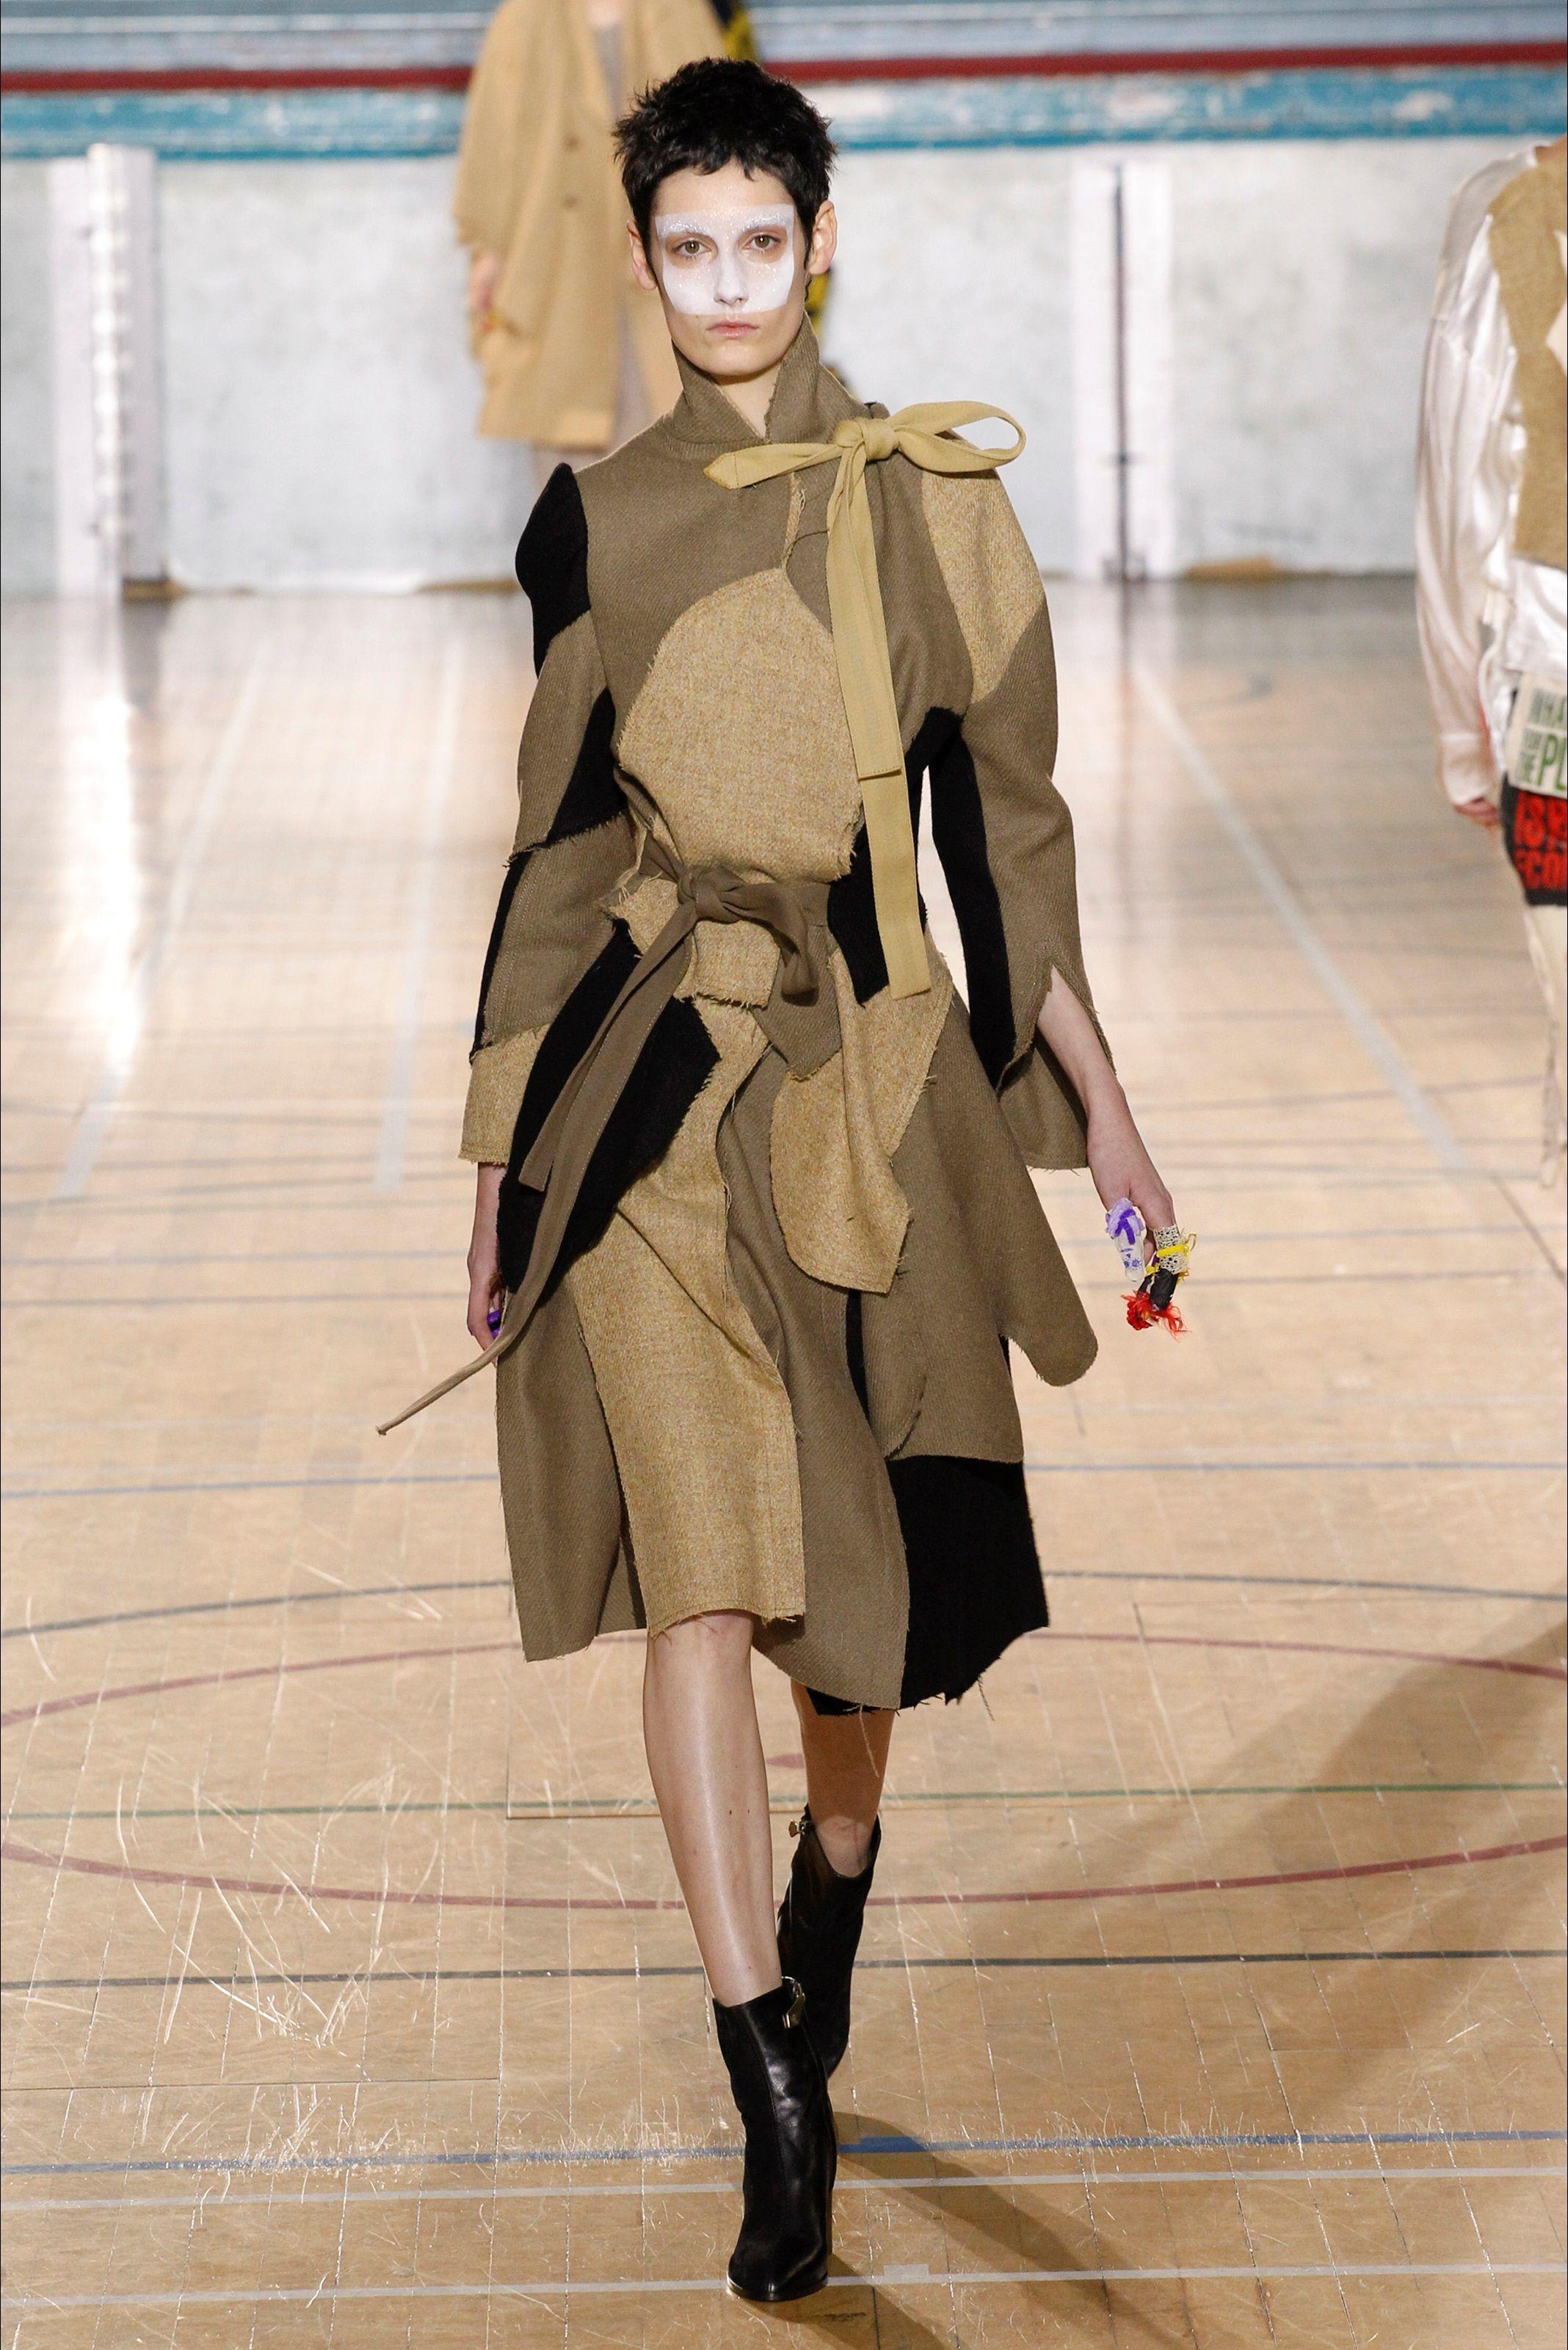 Guarda la sfilata di moda Vivienne Westwood a Londra e scopri la collezione di abiti e accessori per la stagione Collezioni Autunno Inverno 2017-18.